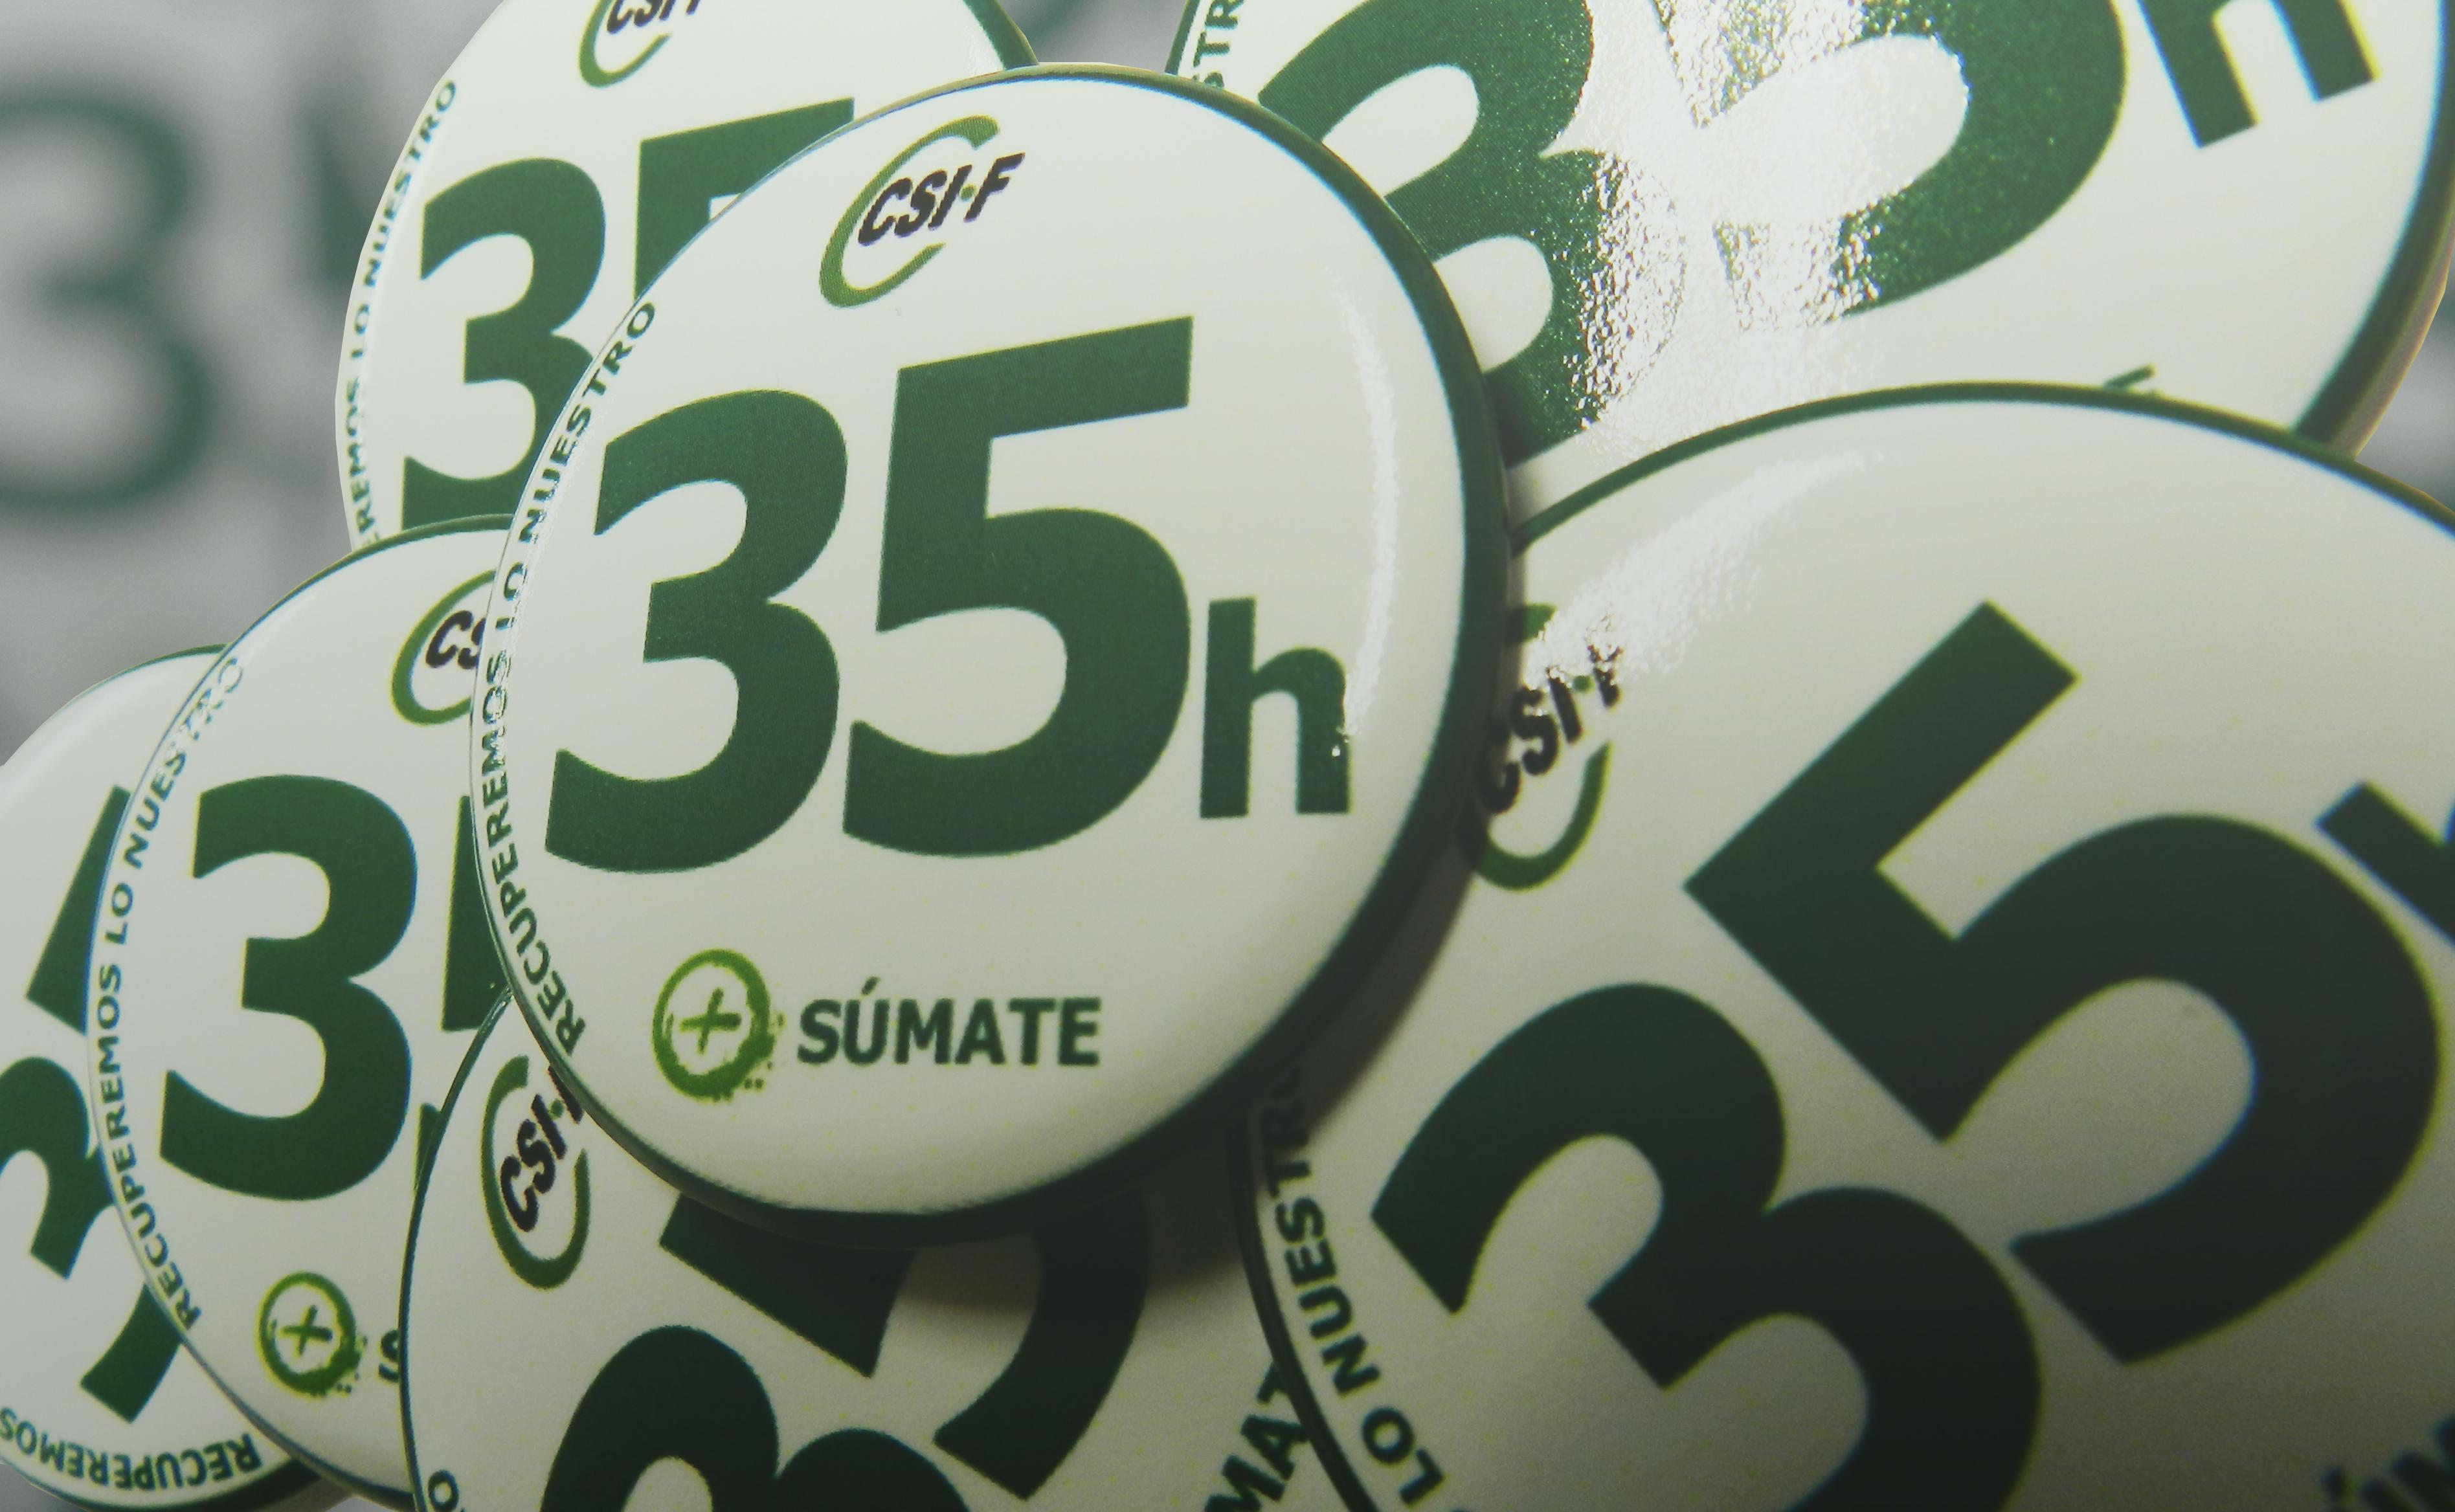 Campaña CSIF 35 horas